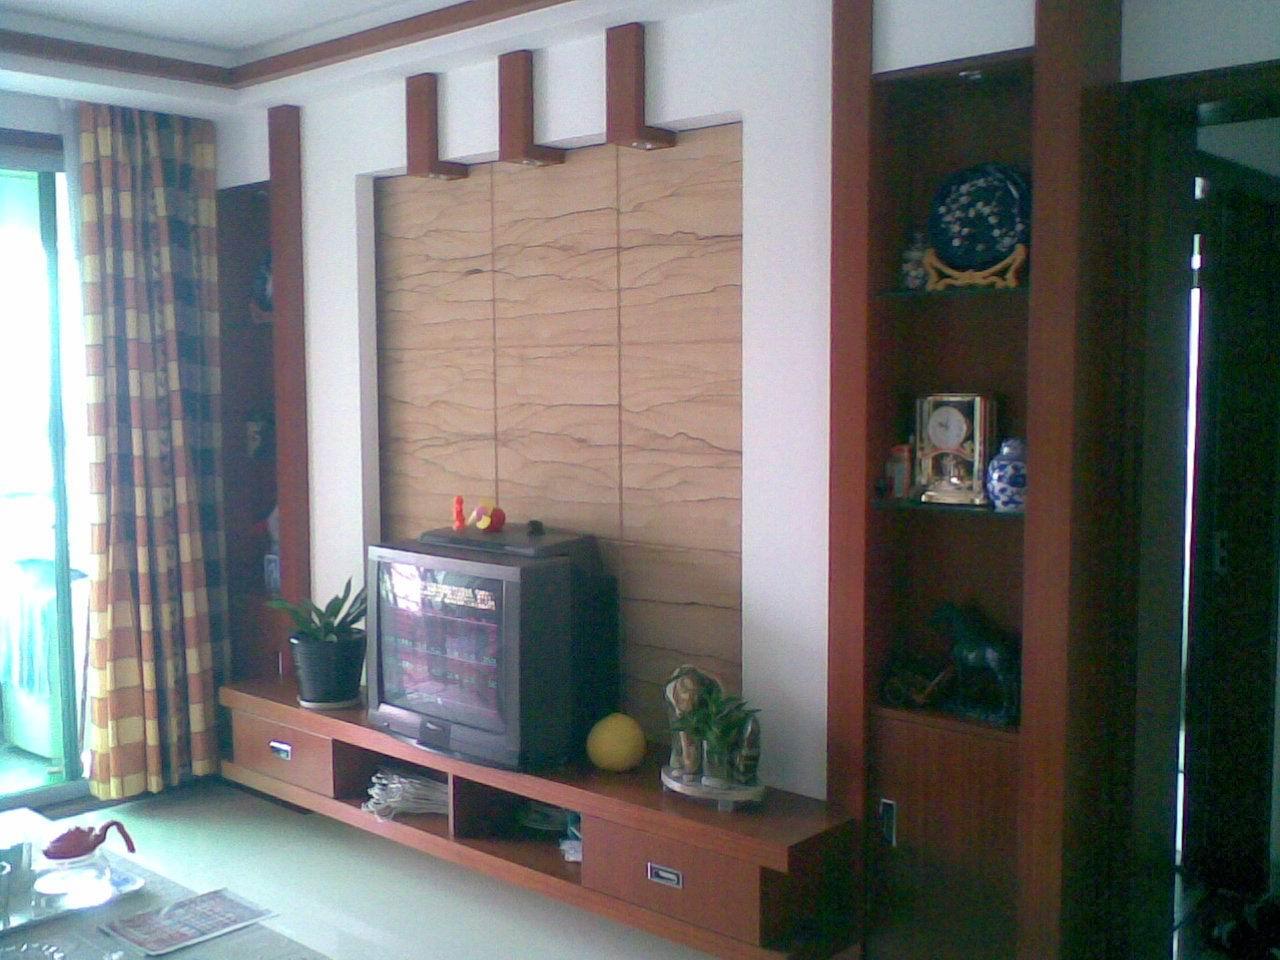 布吉88.25平方米新小三房简装需报价 装修招标高清图片